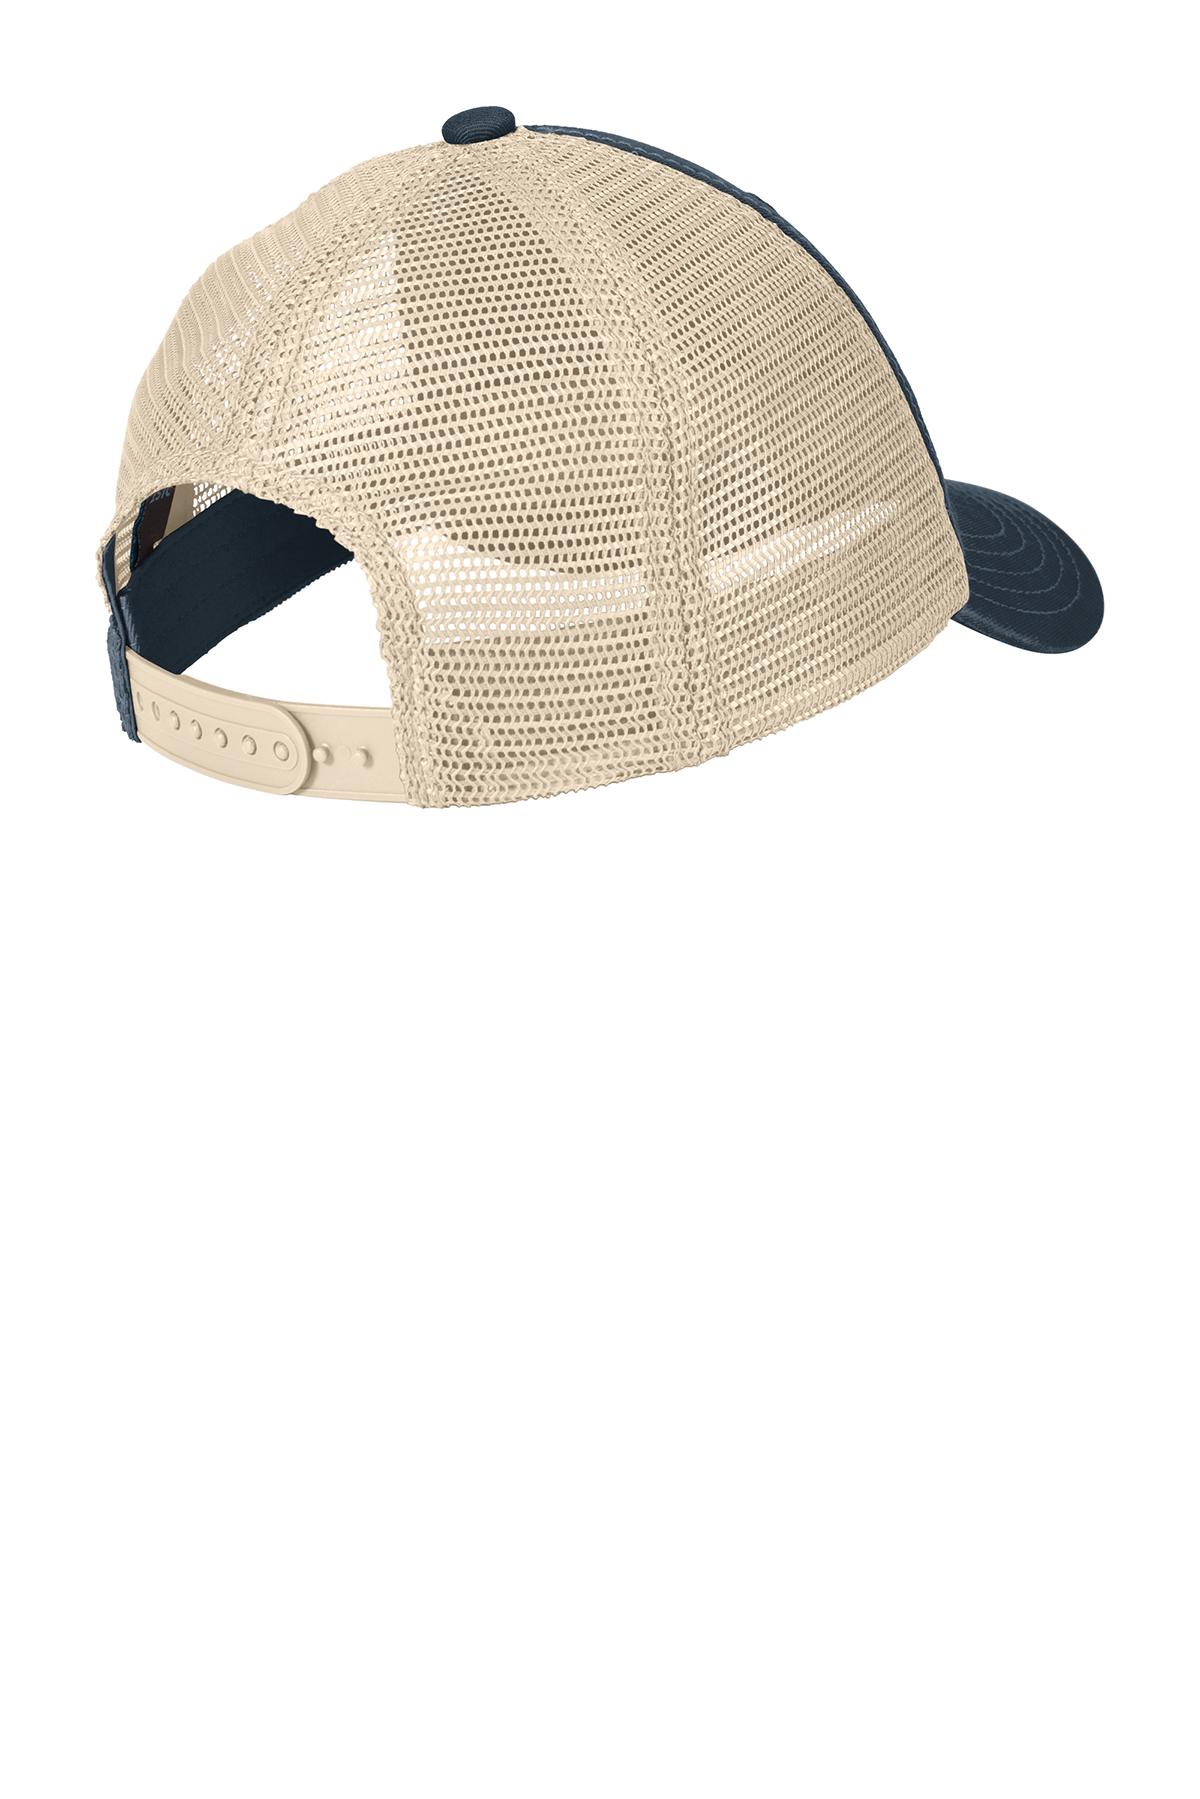 Custom Embroidered   Baseball Cap Super Soft Mesh Back DT630 Trucker Fishing